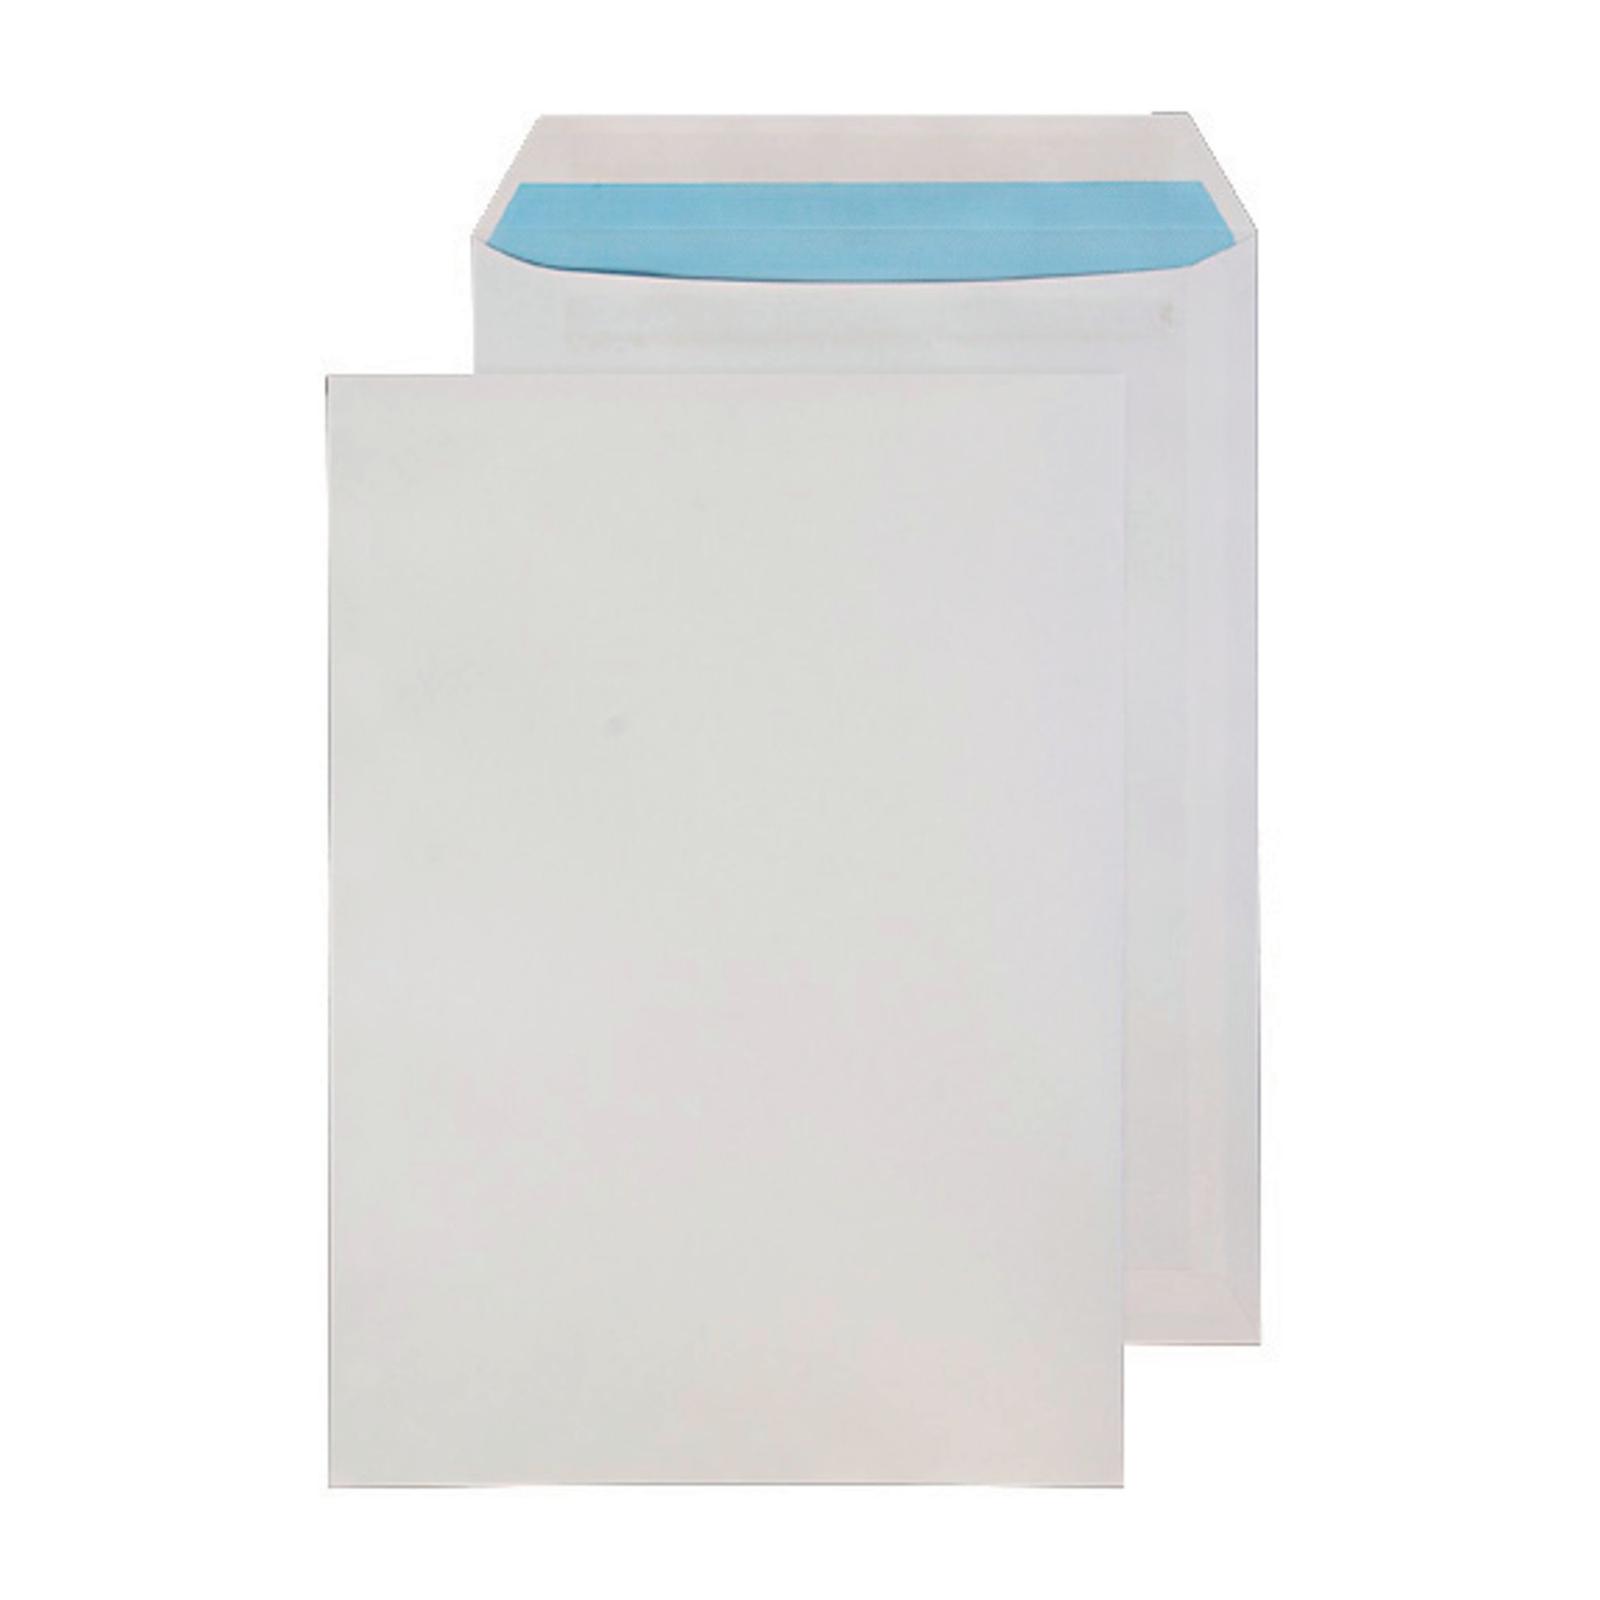 C4 White Self Seal Pocket Envelopes - Pack of 25